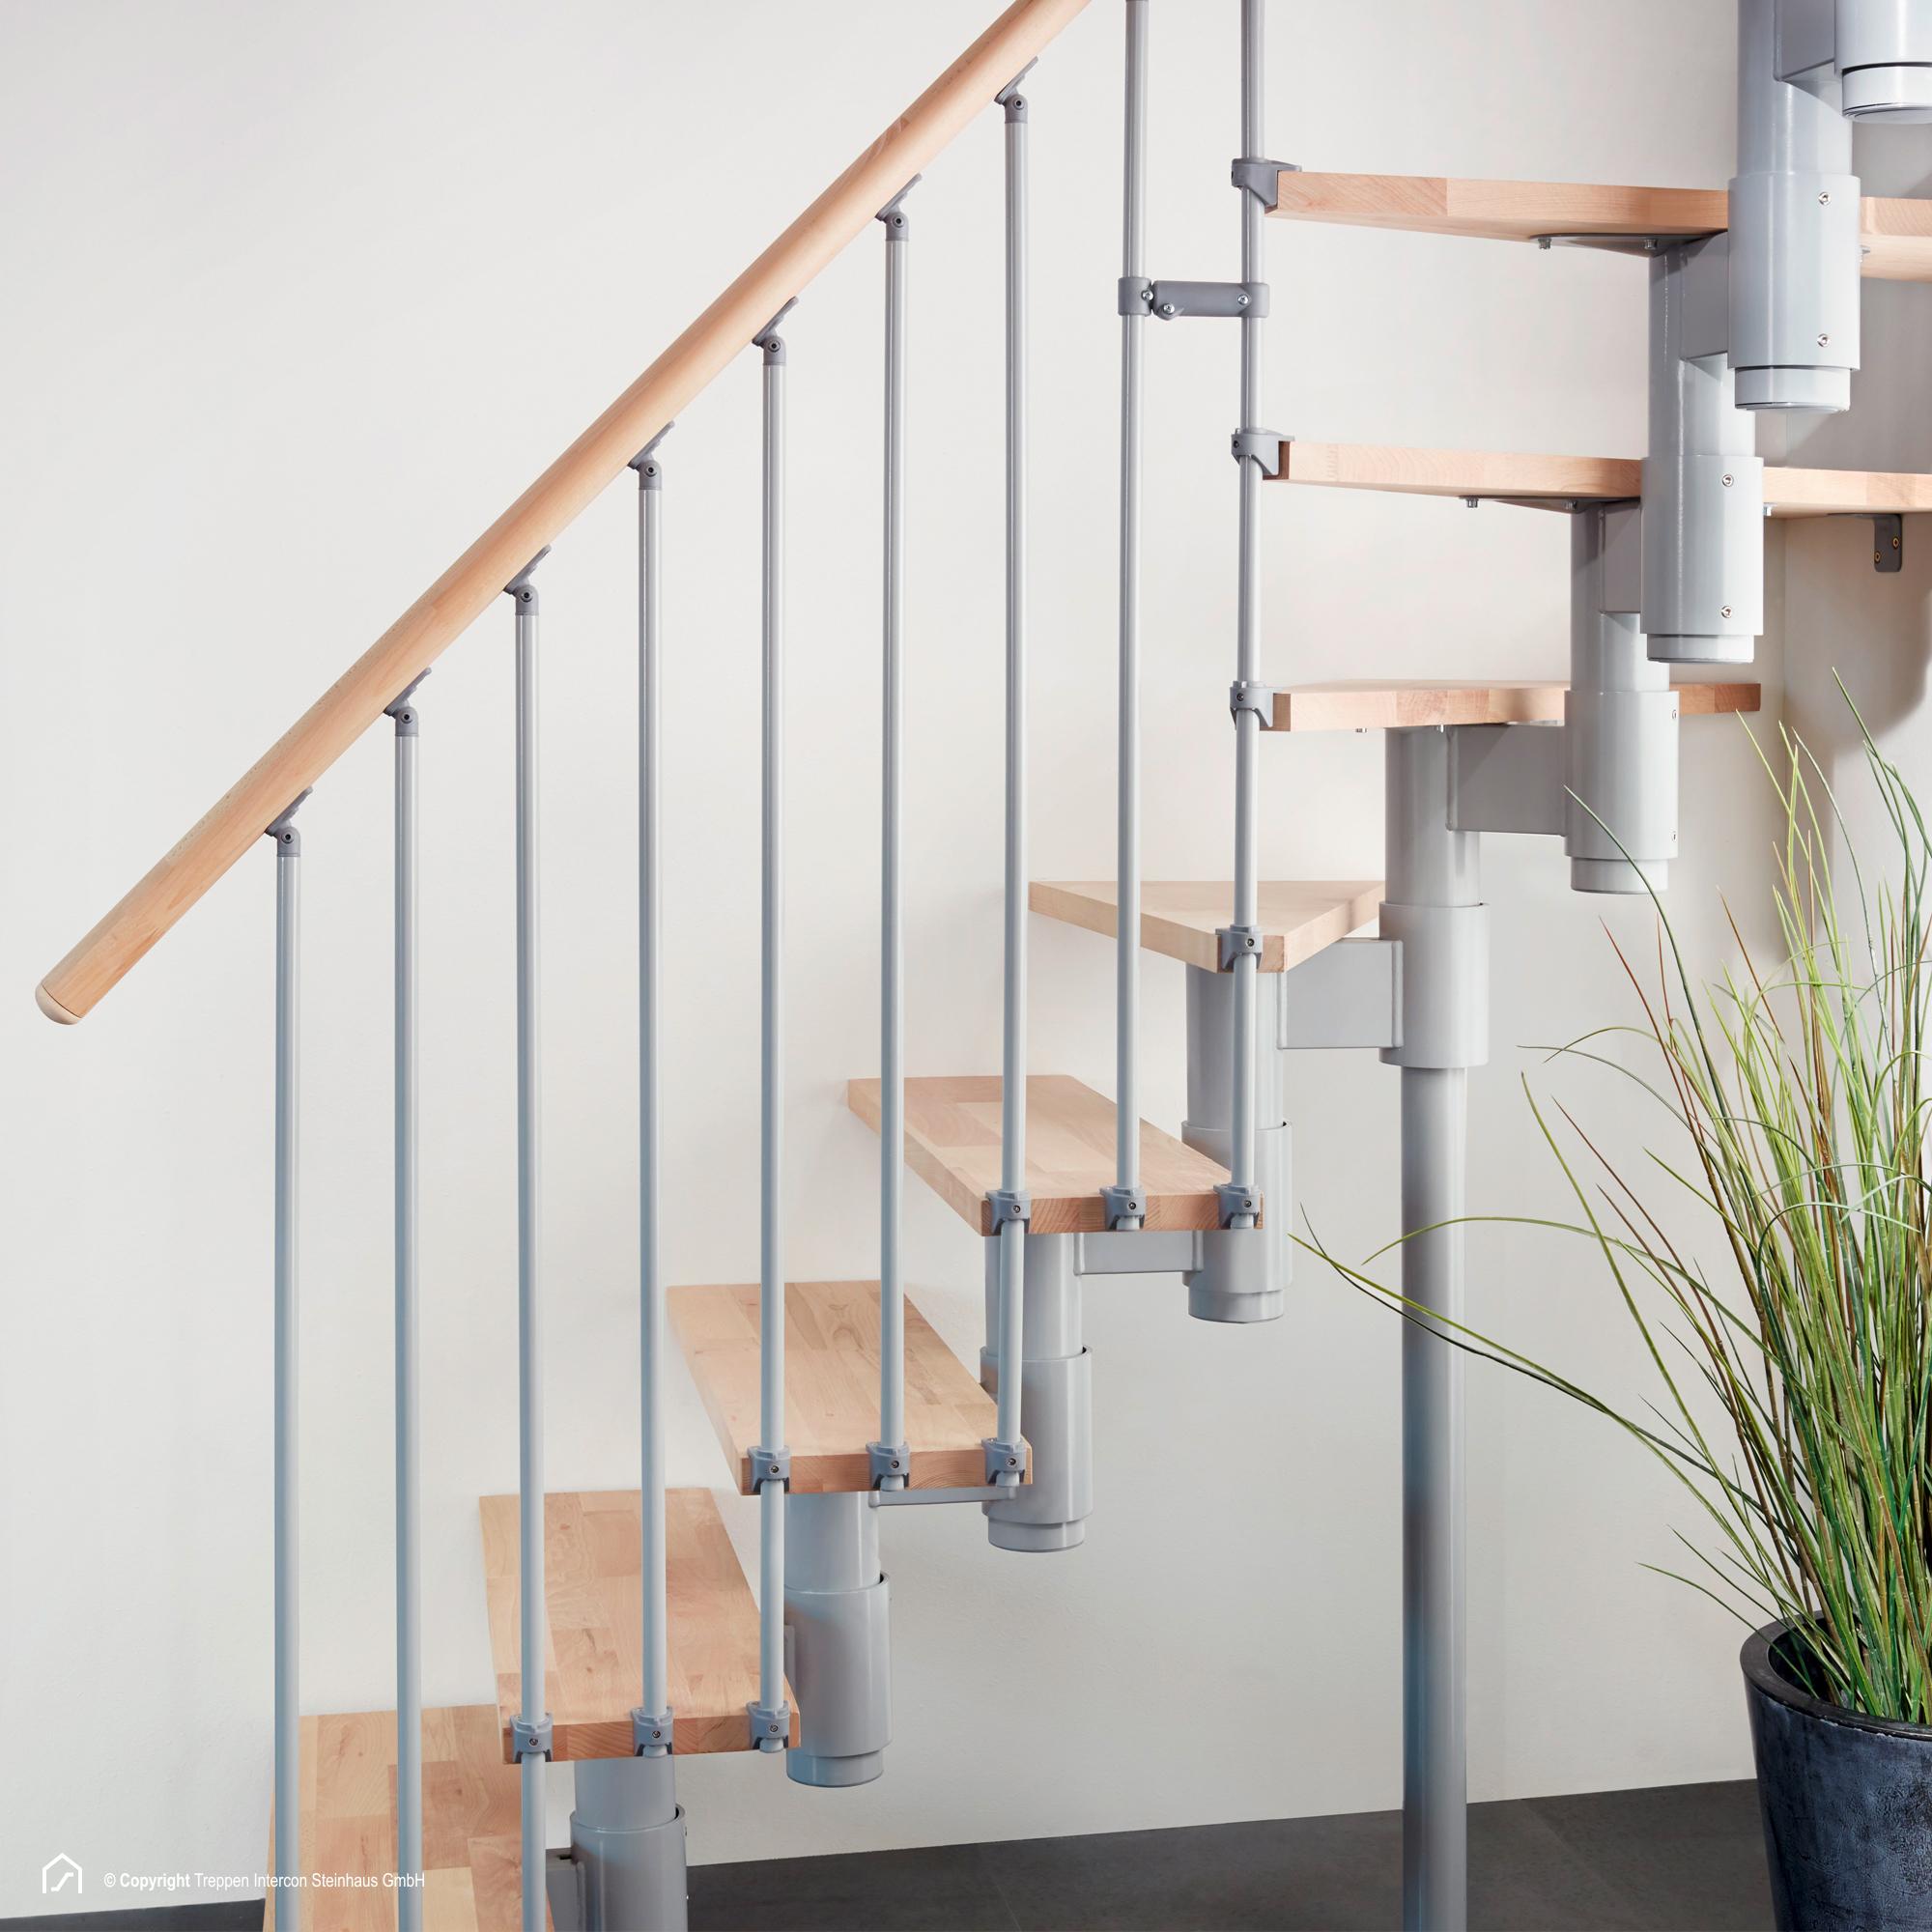 mittelholmtreppe torino raumspartreppe zum besten preis. Black Bedroom Furniture Sets. Home Design Ideas